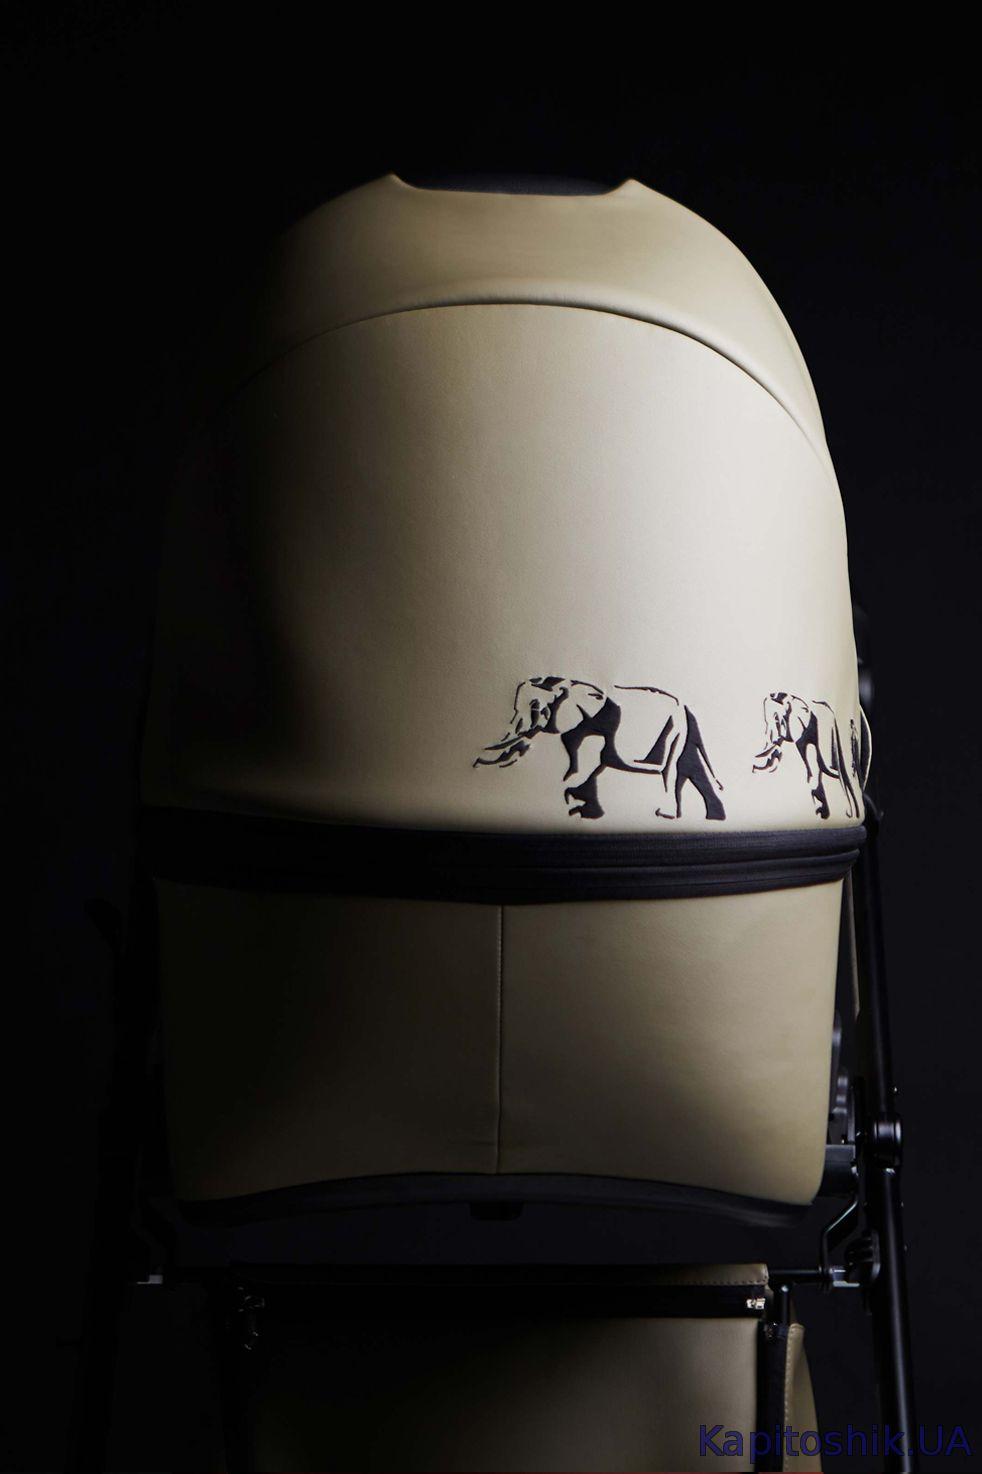 Купить универсальную коляску Anex Cross Discovery Edition 2 в 1 и 3 в 1 9e9a6e861a471